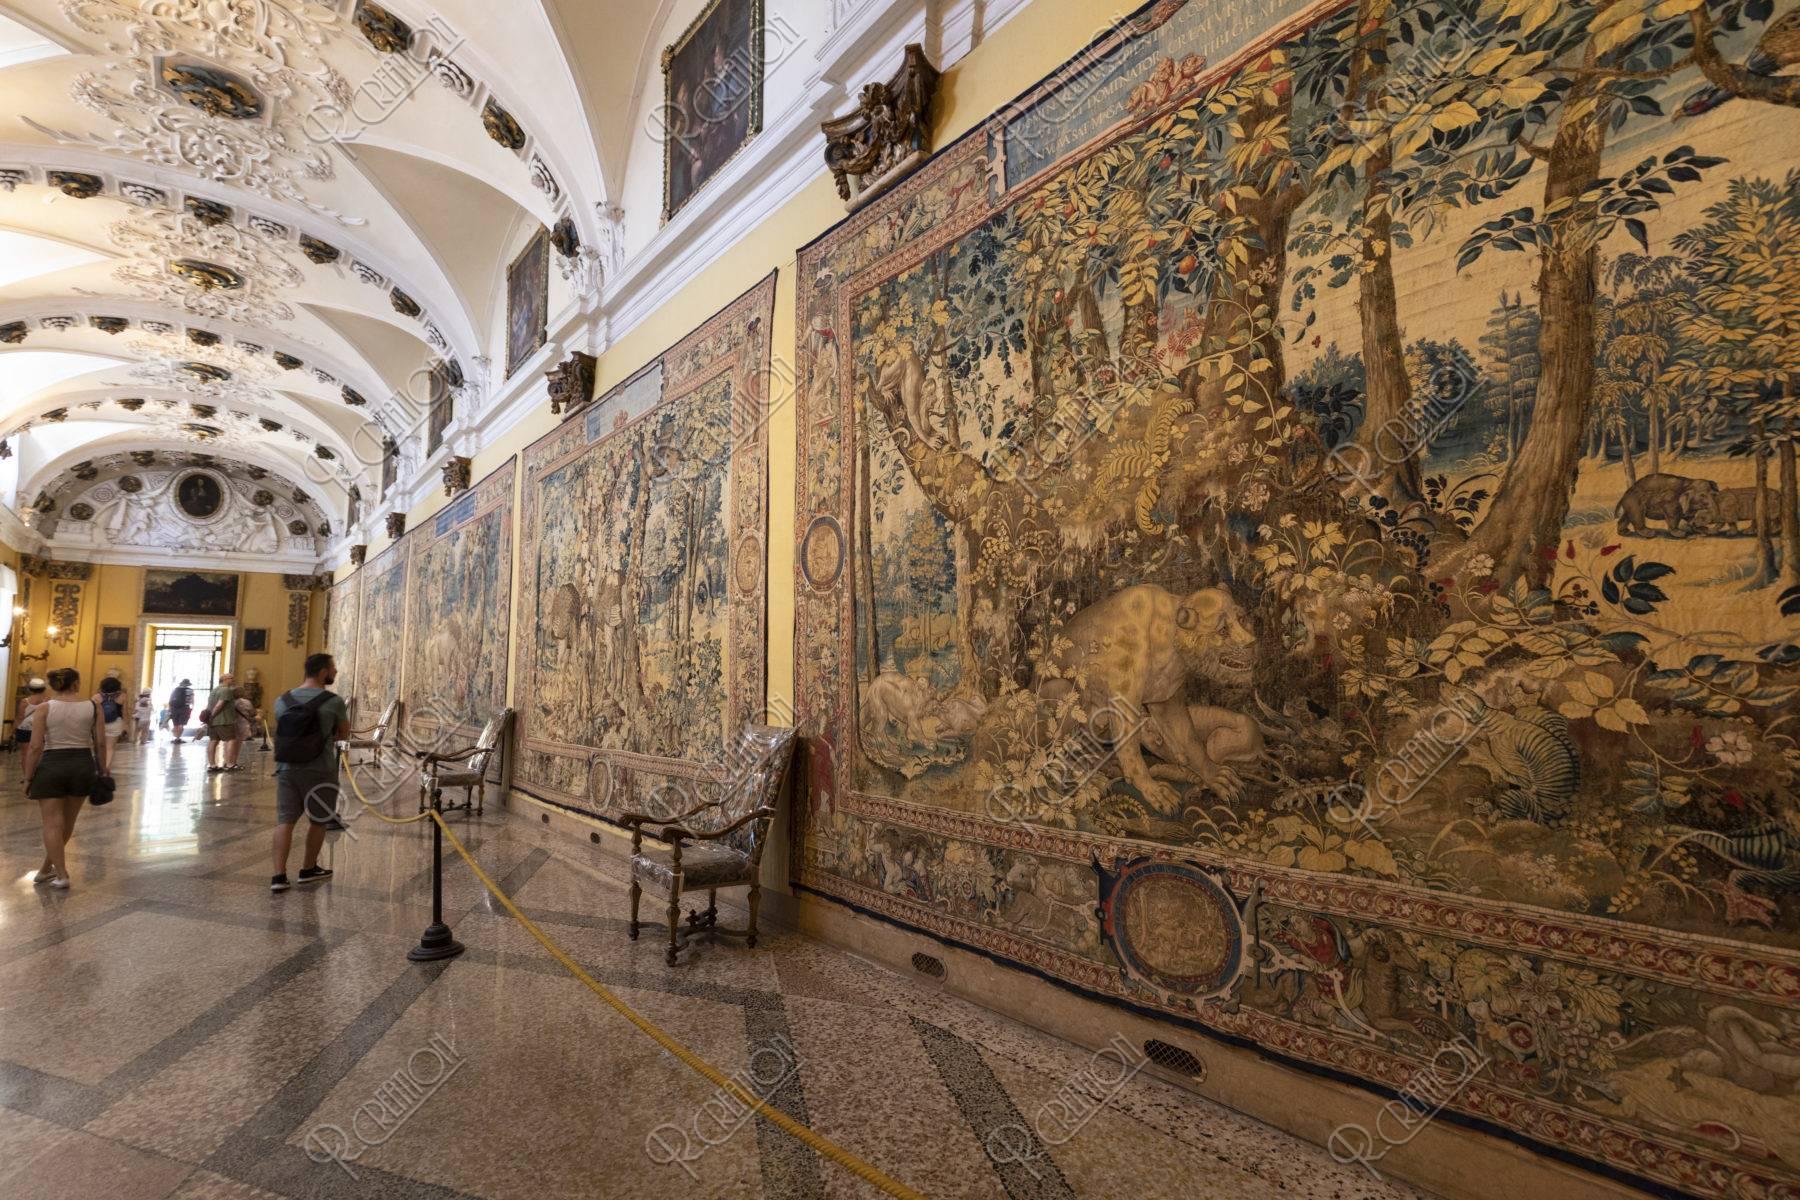 ベッラ島 ボッロメオ宮殿 タペストリーの間